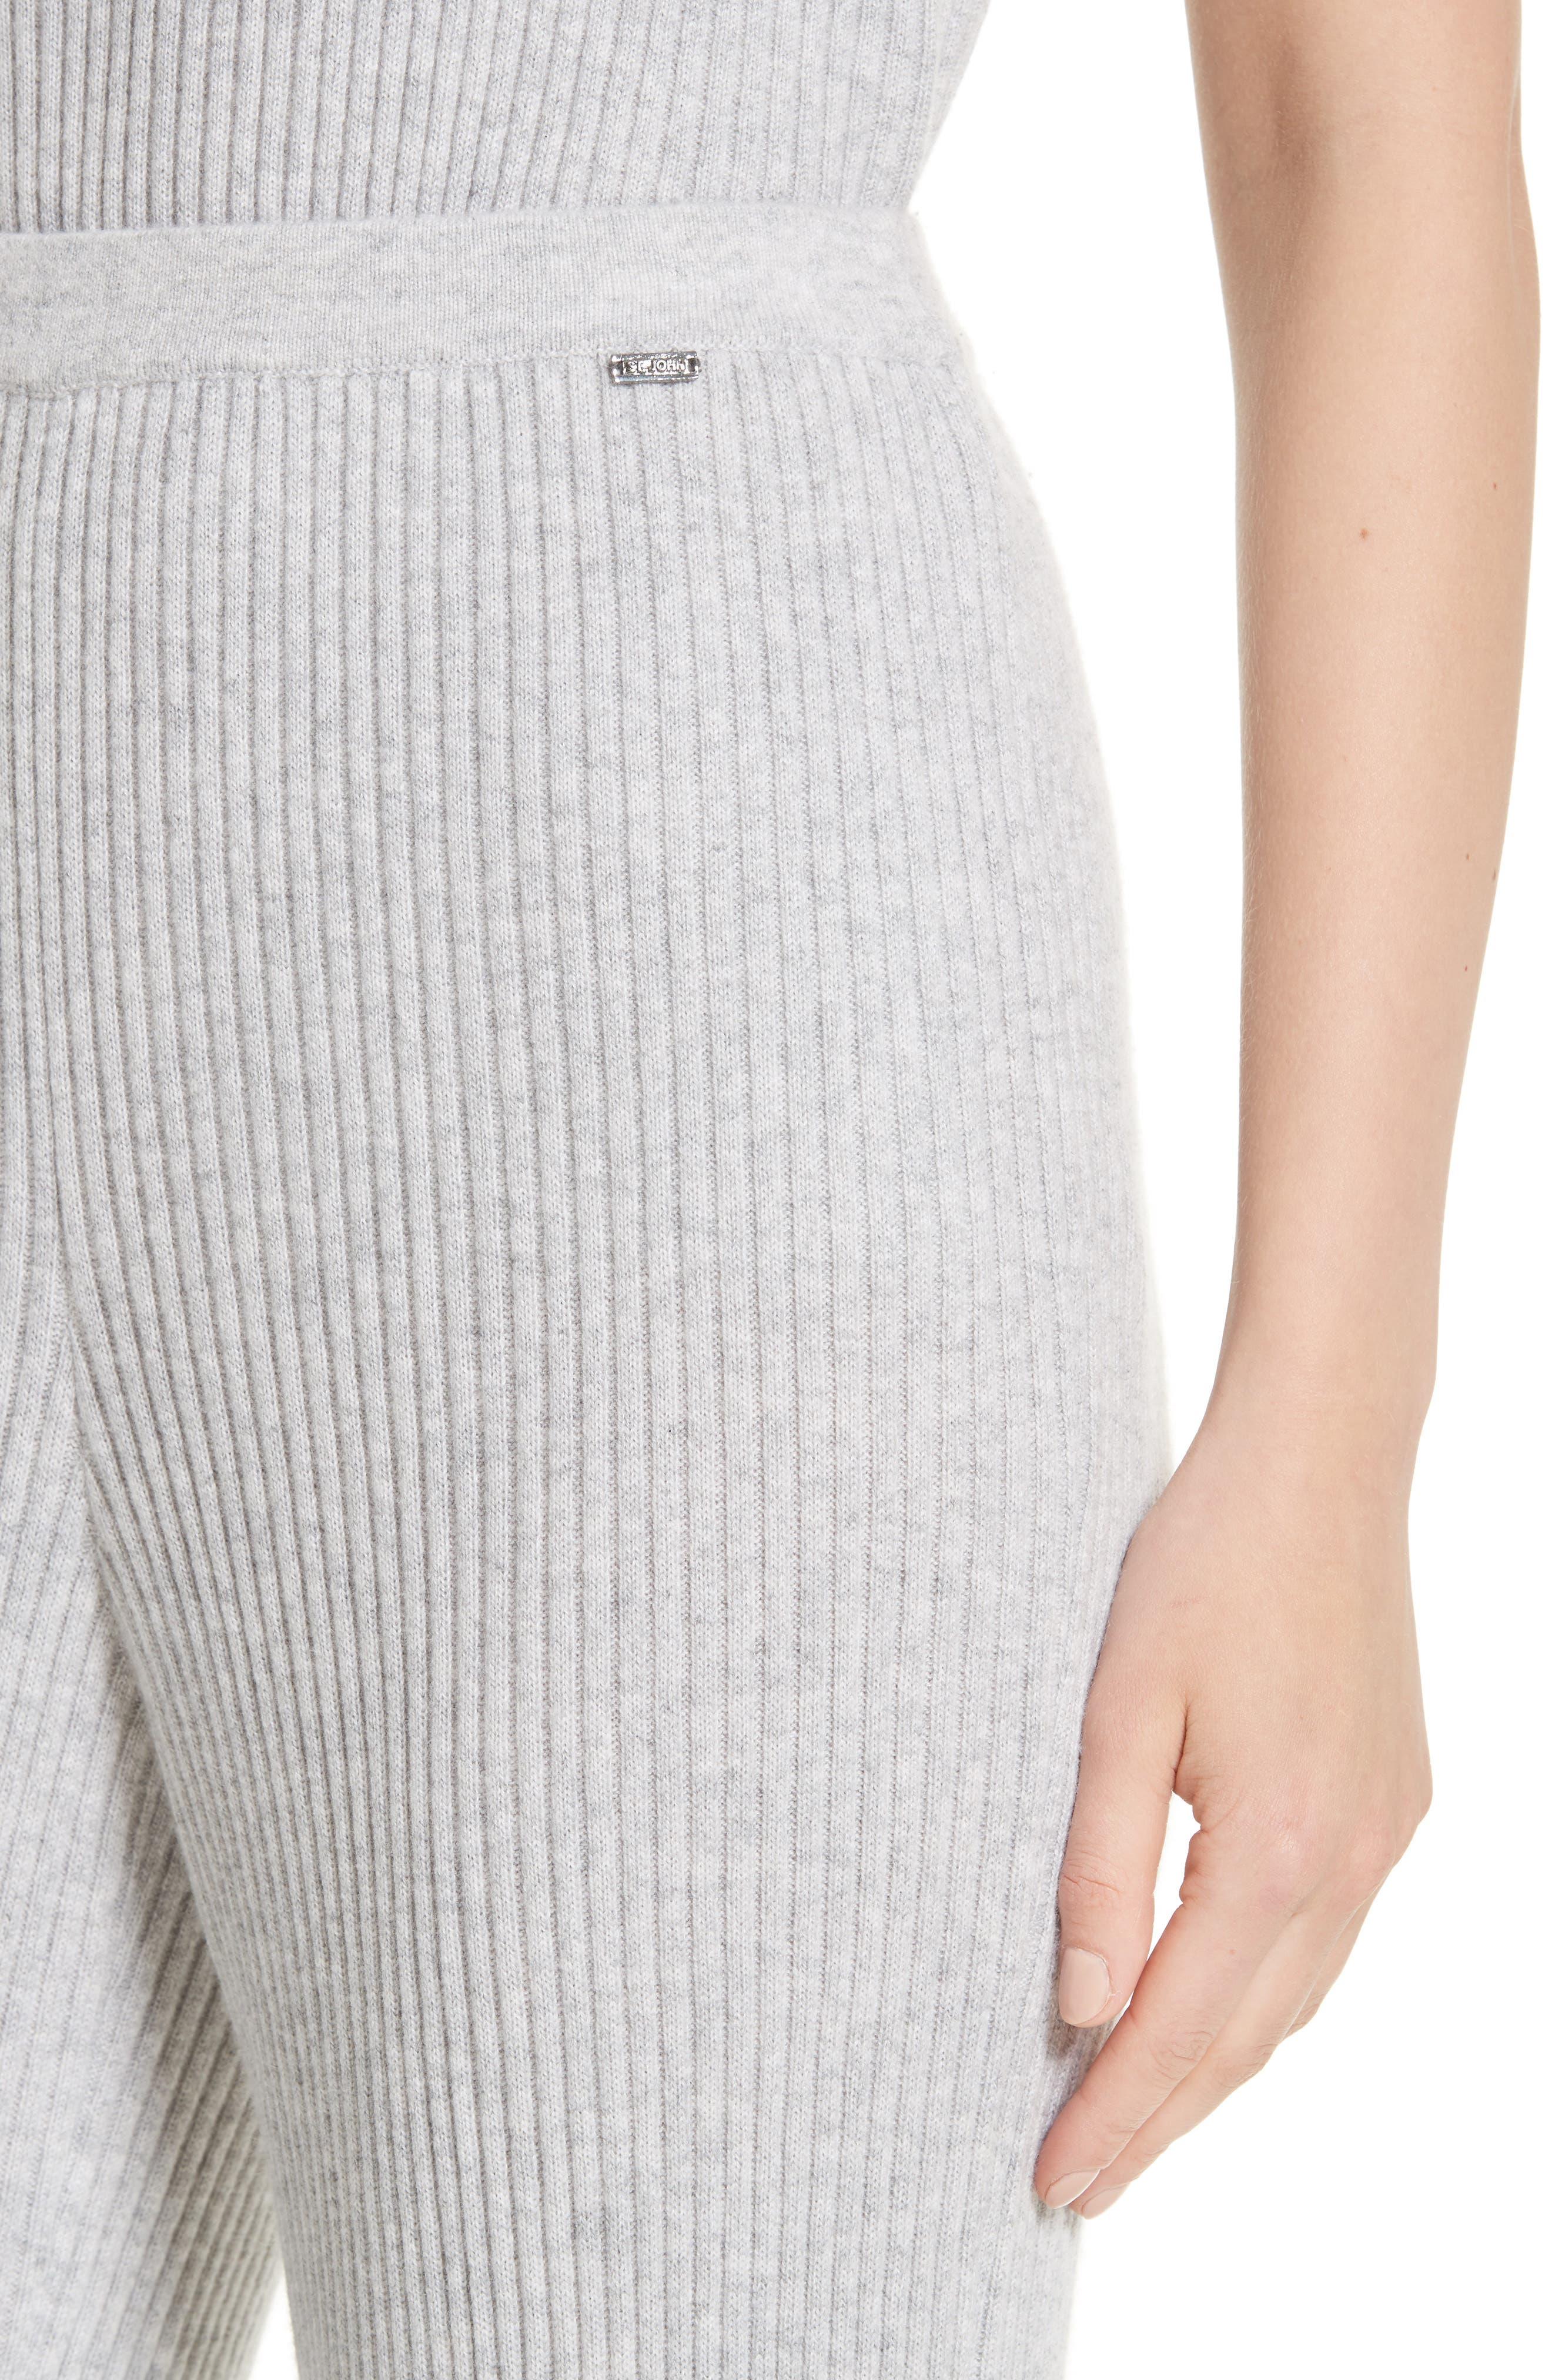 Cashmere Knit Pants,                             Alternate thumbnail 4, color,                             060